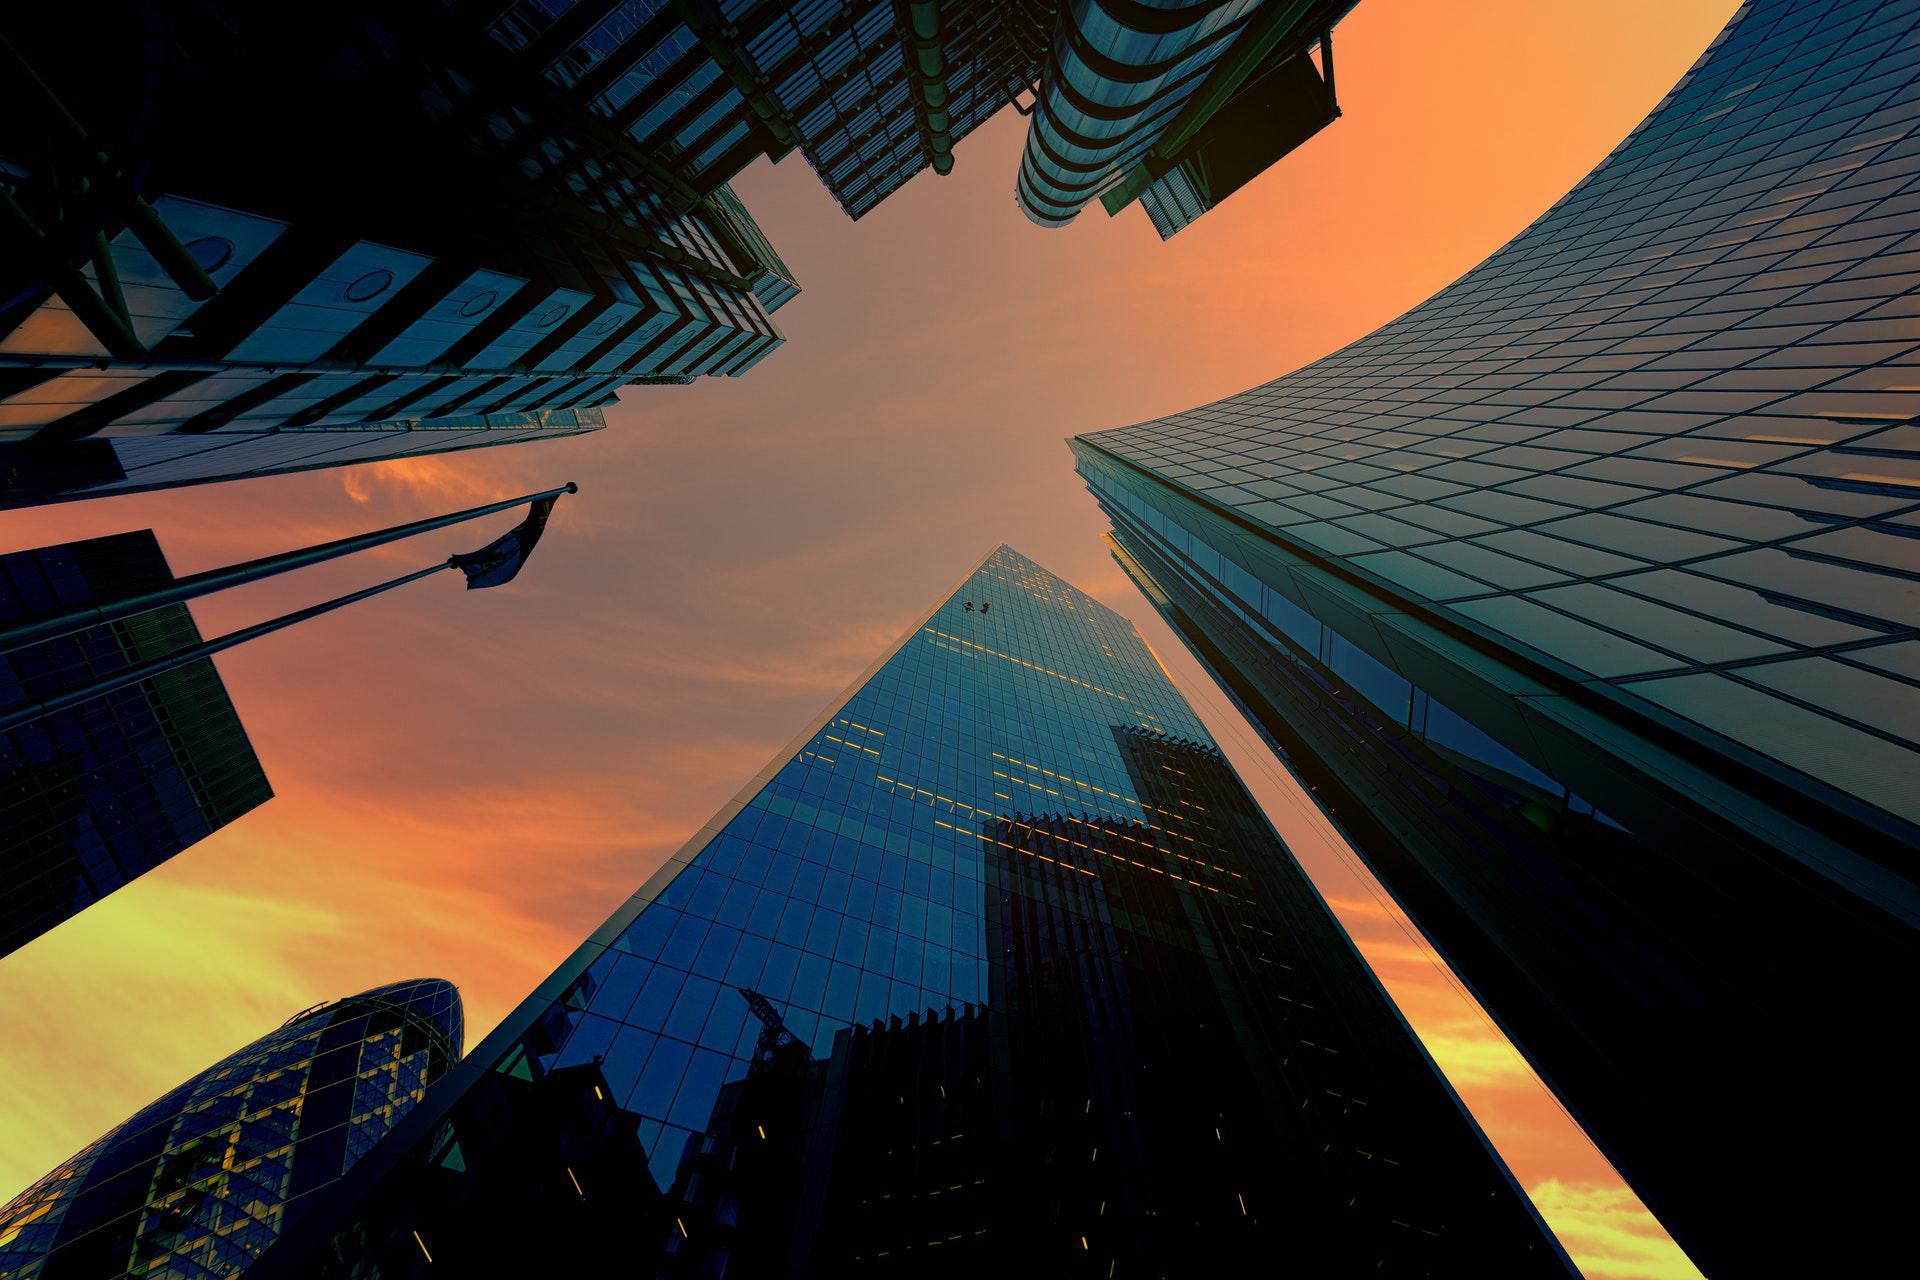 عکس زمینه چشم انداز ساختمان های بلند پس زمینه